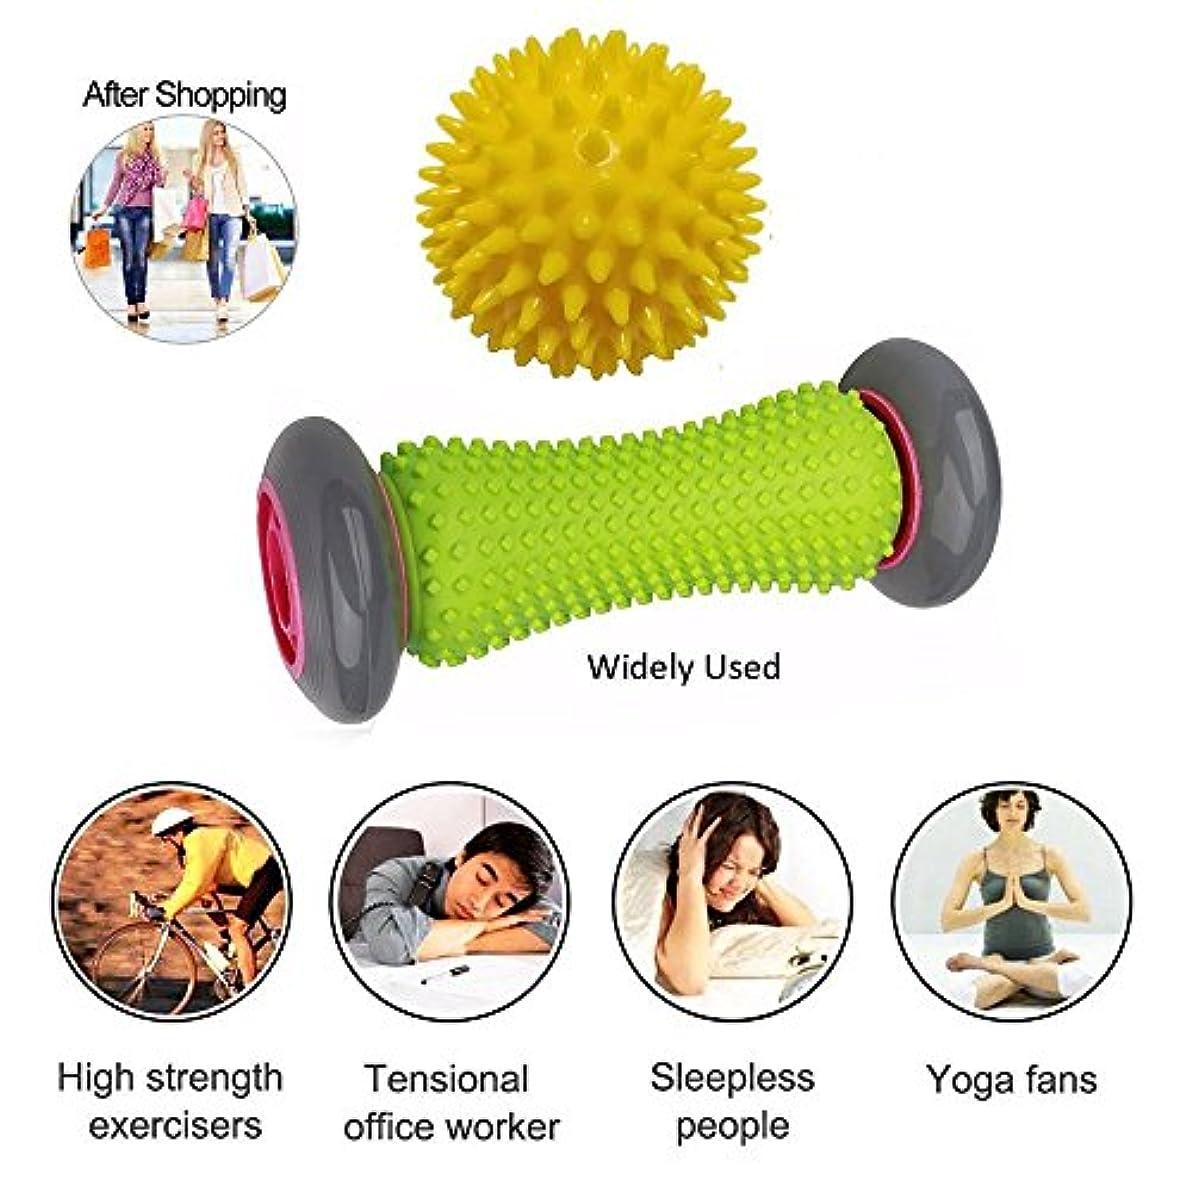 因子サンダースおばさんフットマッサージローラー - アメージングモール - 理想的な足の痛みの救済マッサージ - フットマッサージャーのためのヒールスパー - 効果的なローラーの足のローラーマッサージ - 推奨フットマッサージャーランナー -...